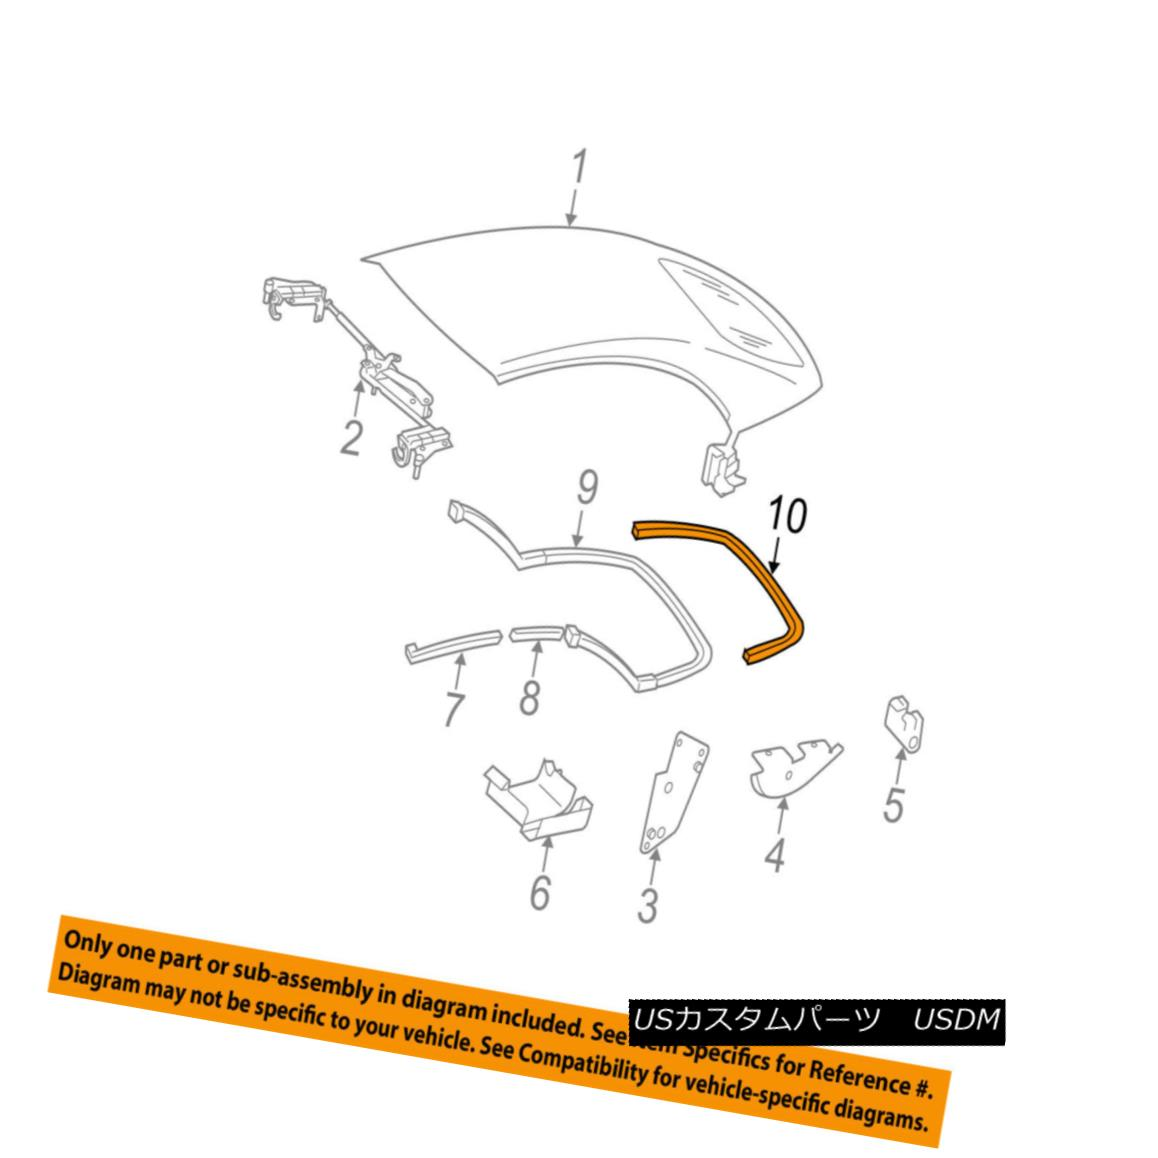 幌・ソフトトップ MERCEDES OEM 11-14 E350 Convertible/soft Top-Rear Rail 2097740047 MERCEDES OEM 11-14 E350コンバーチブル/ so ftトップ・リア・レール2097740047